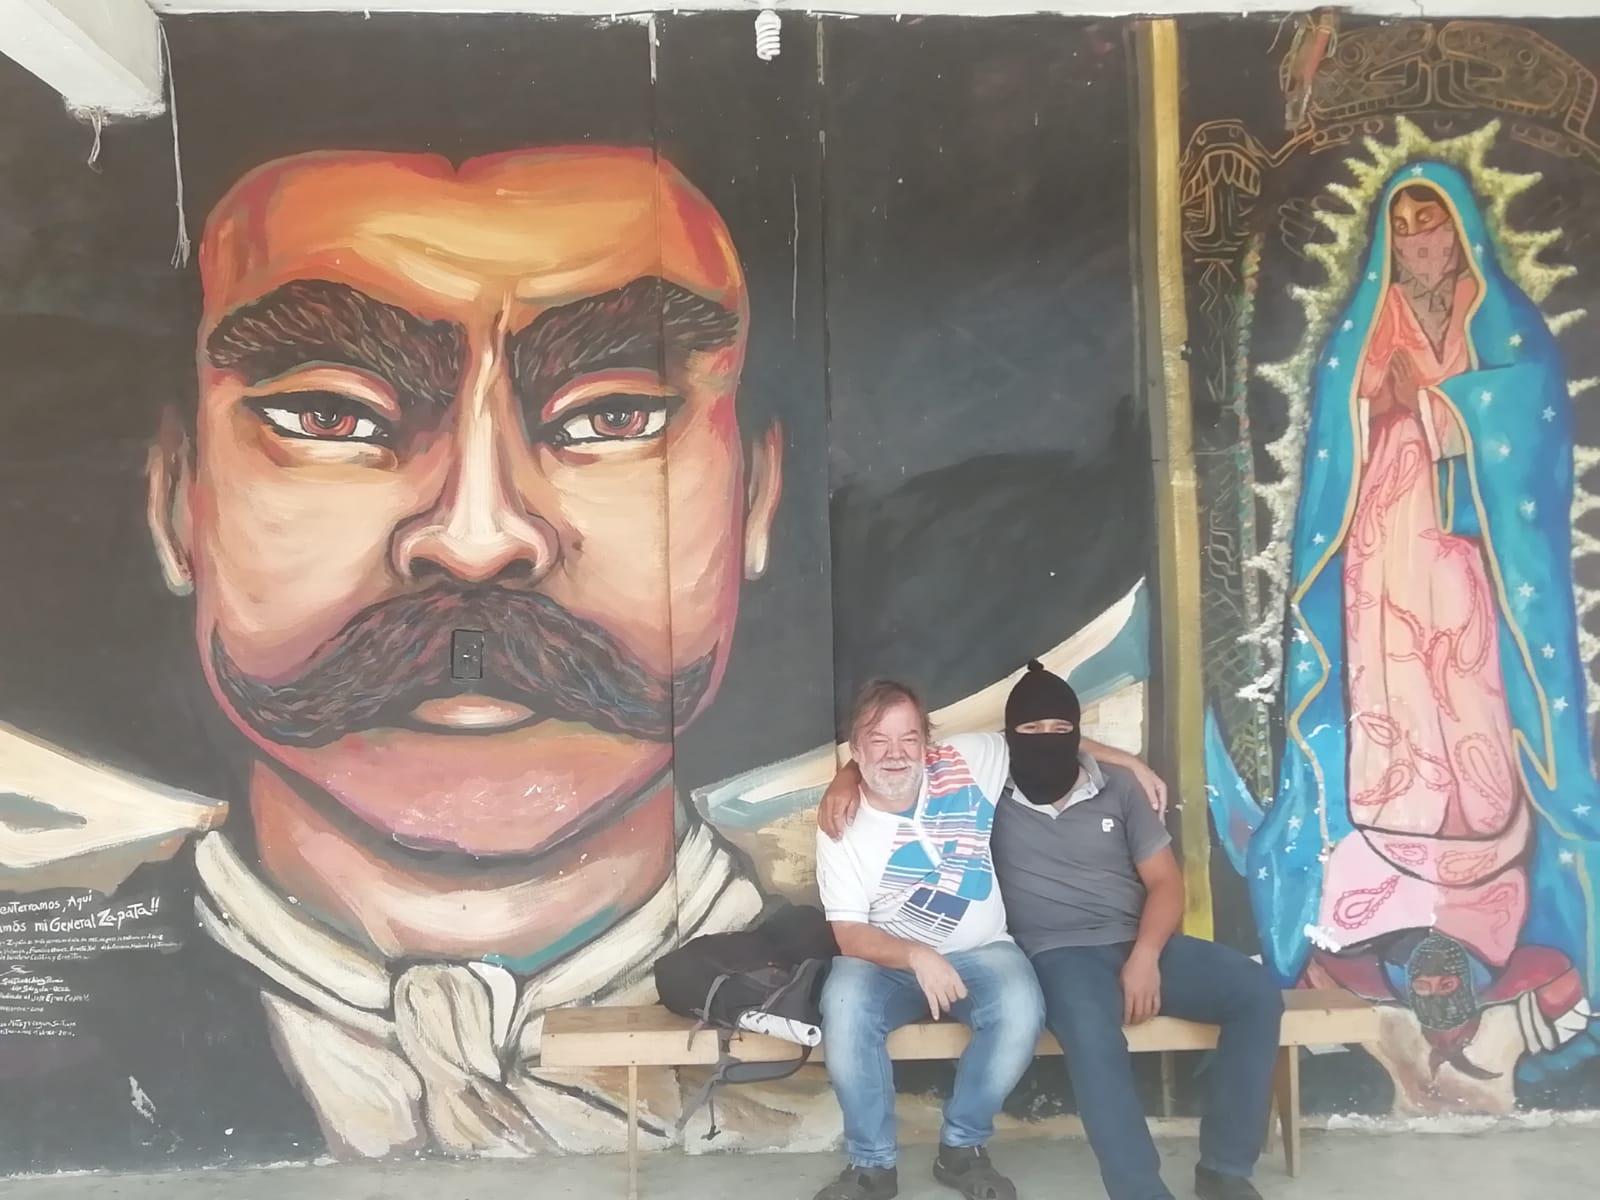 ¡Viva Zapata y la Virgen de Guadalupe!